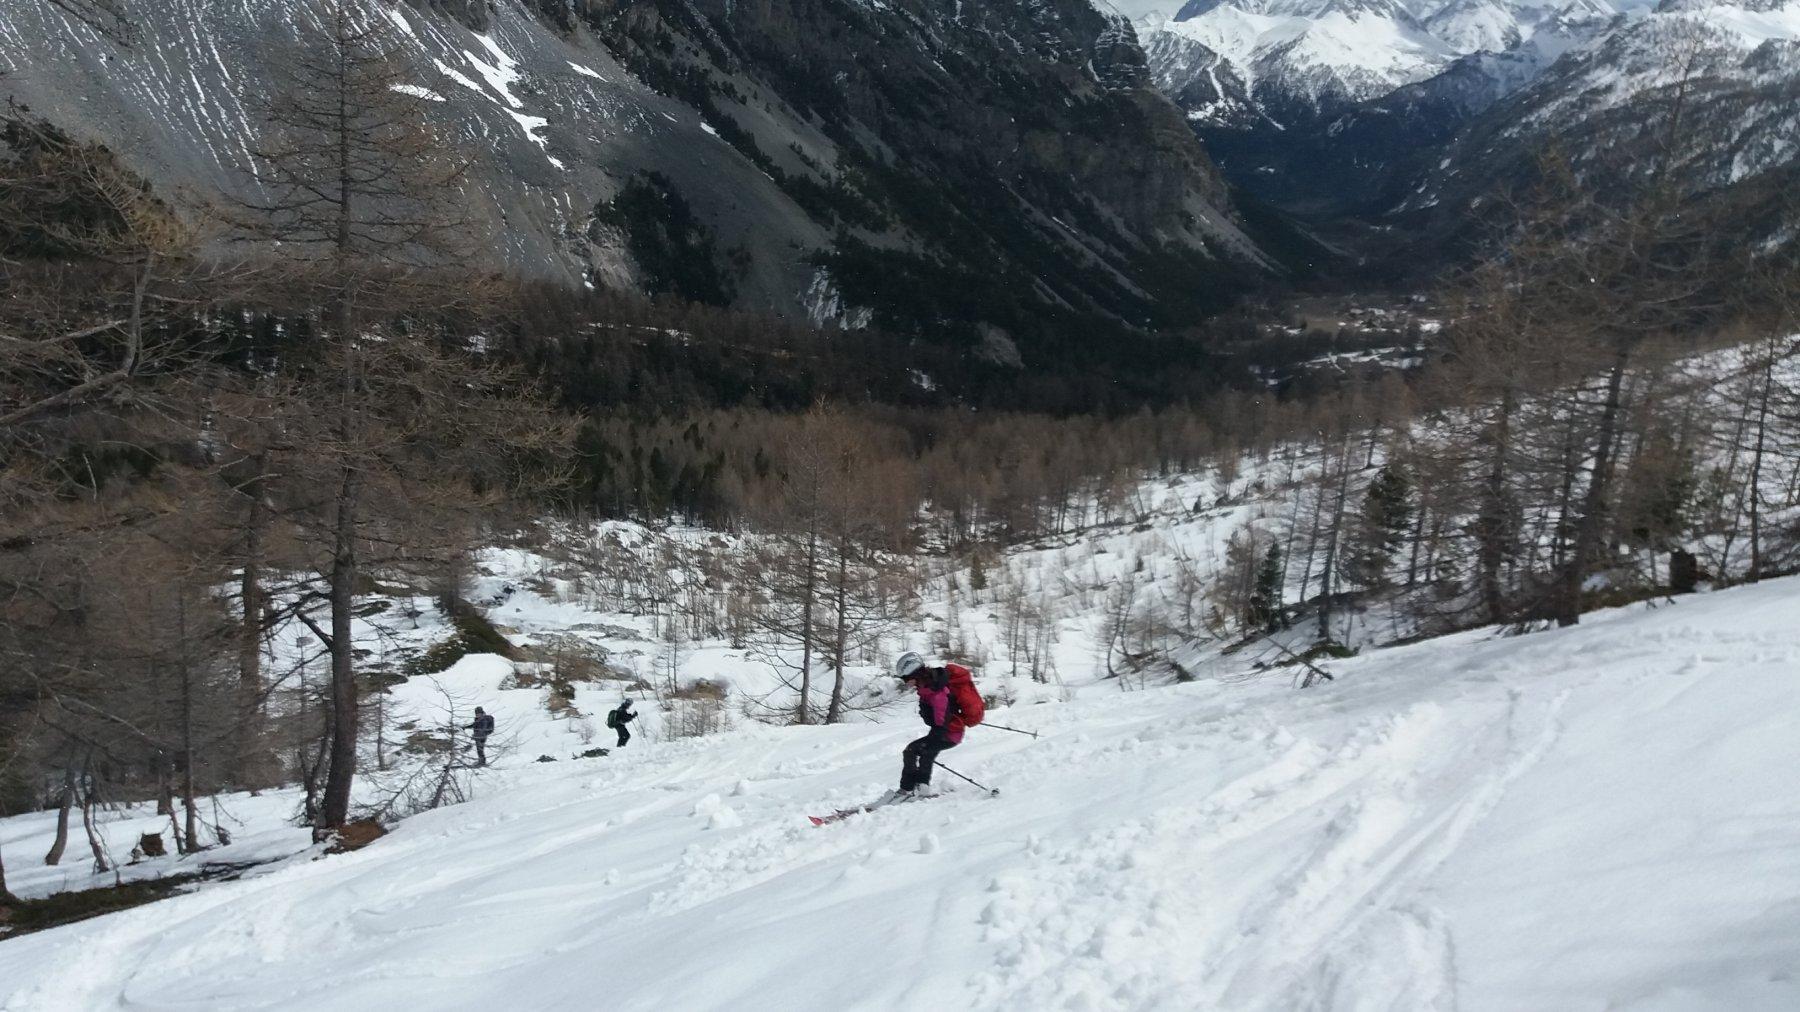 Ultime curve su neve un po' umida e pesante